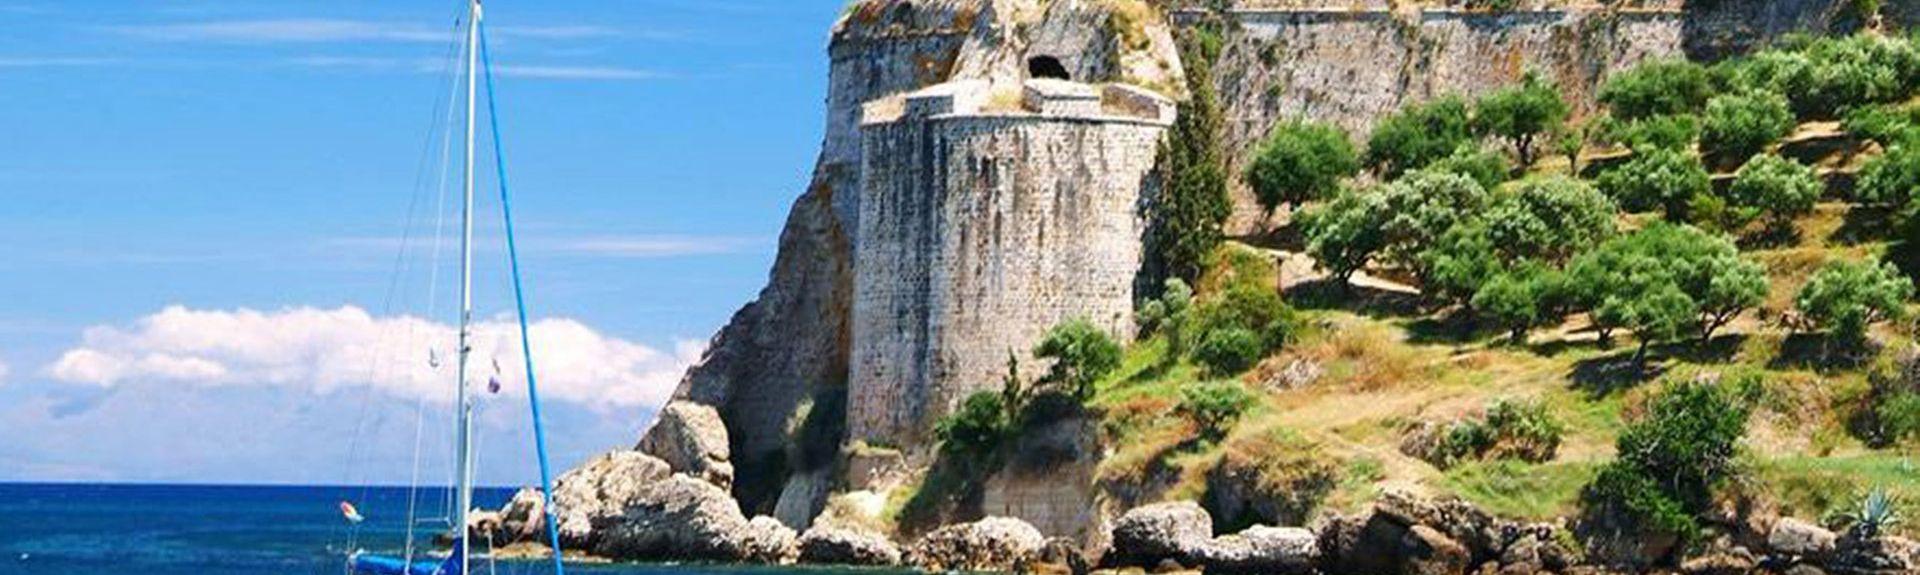 Aristomenis, Messini, Peloponnesos, Grekland